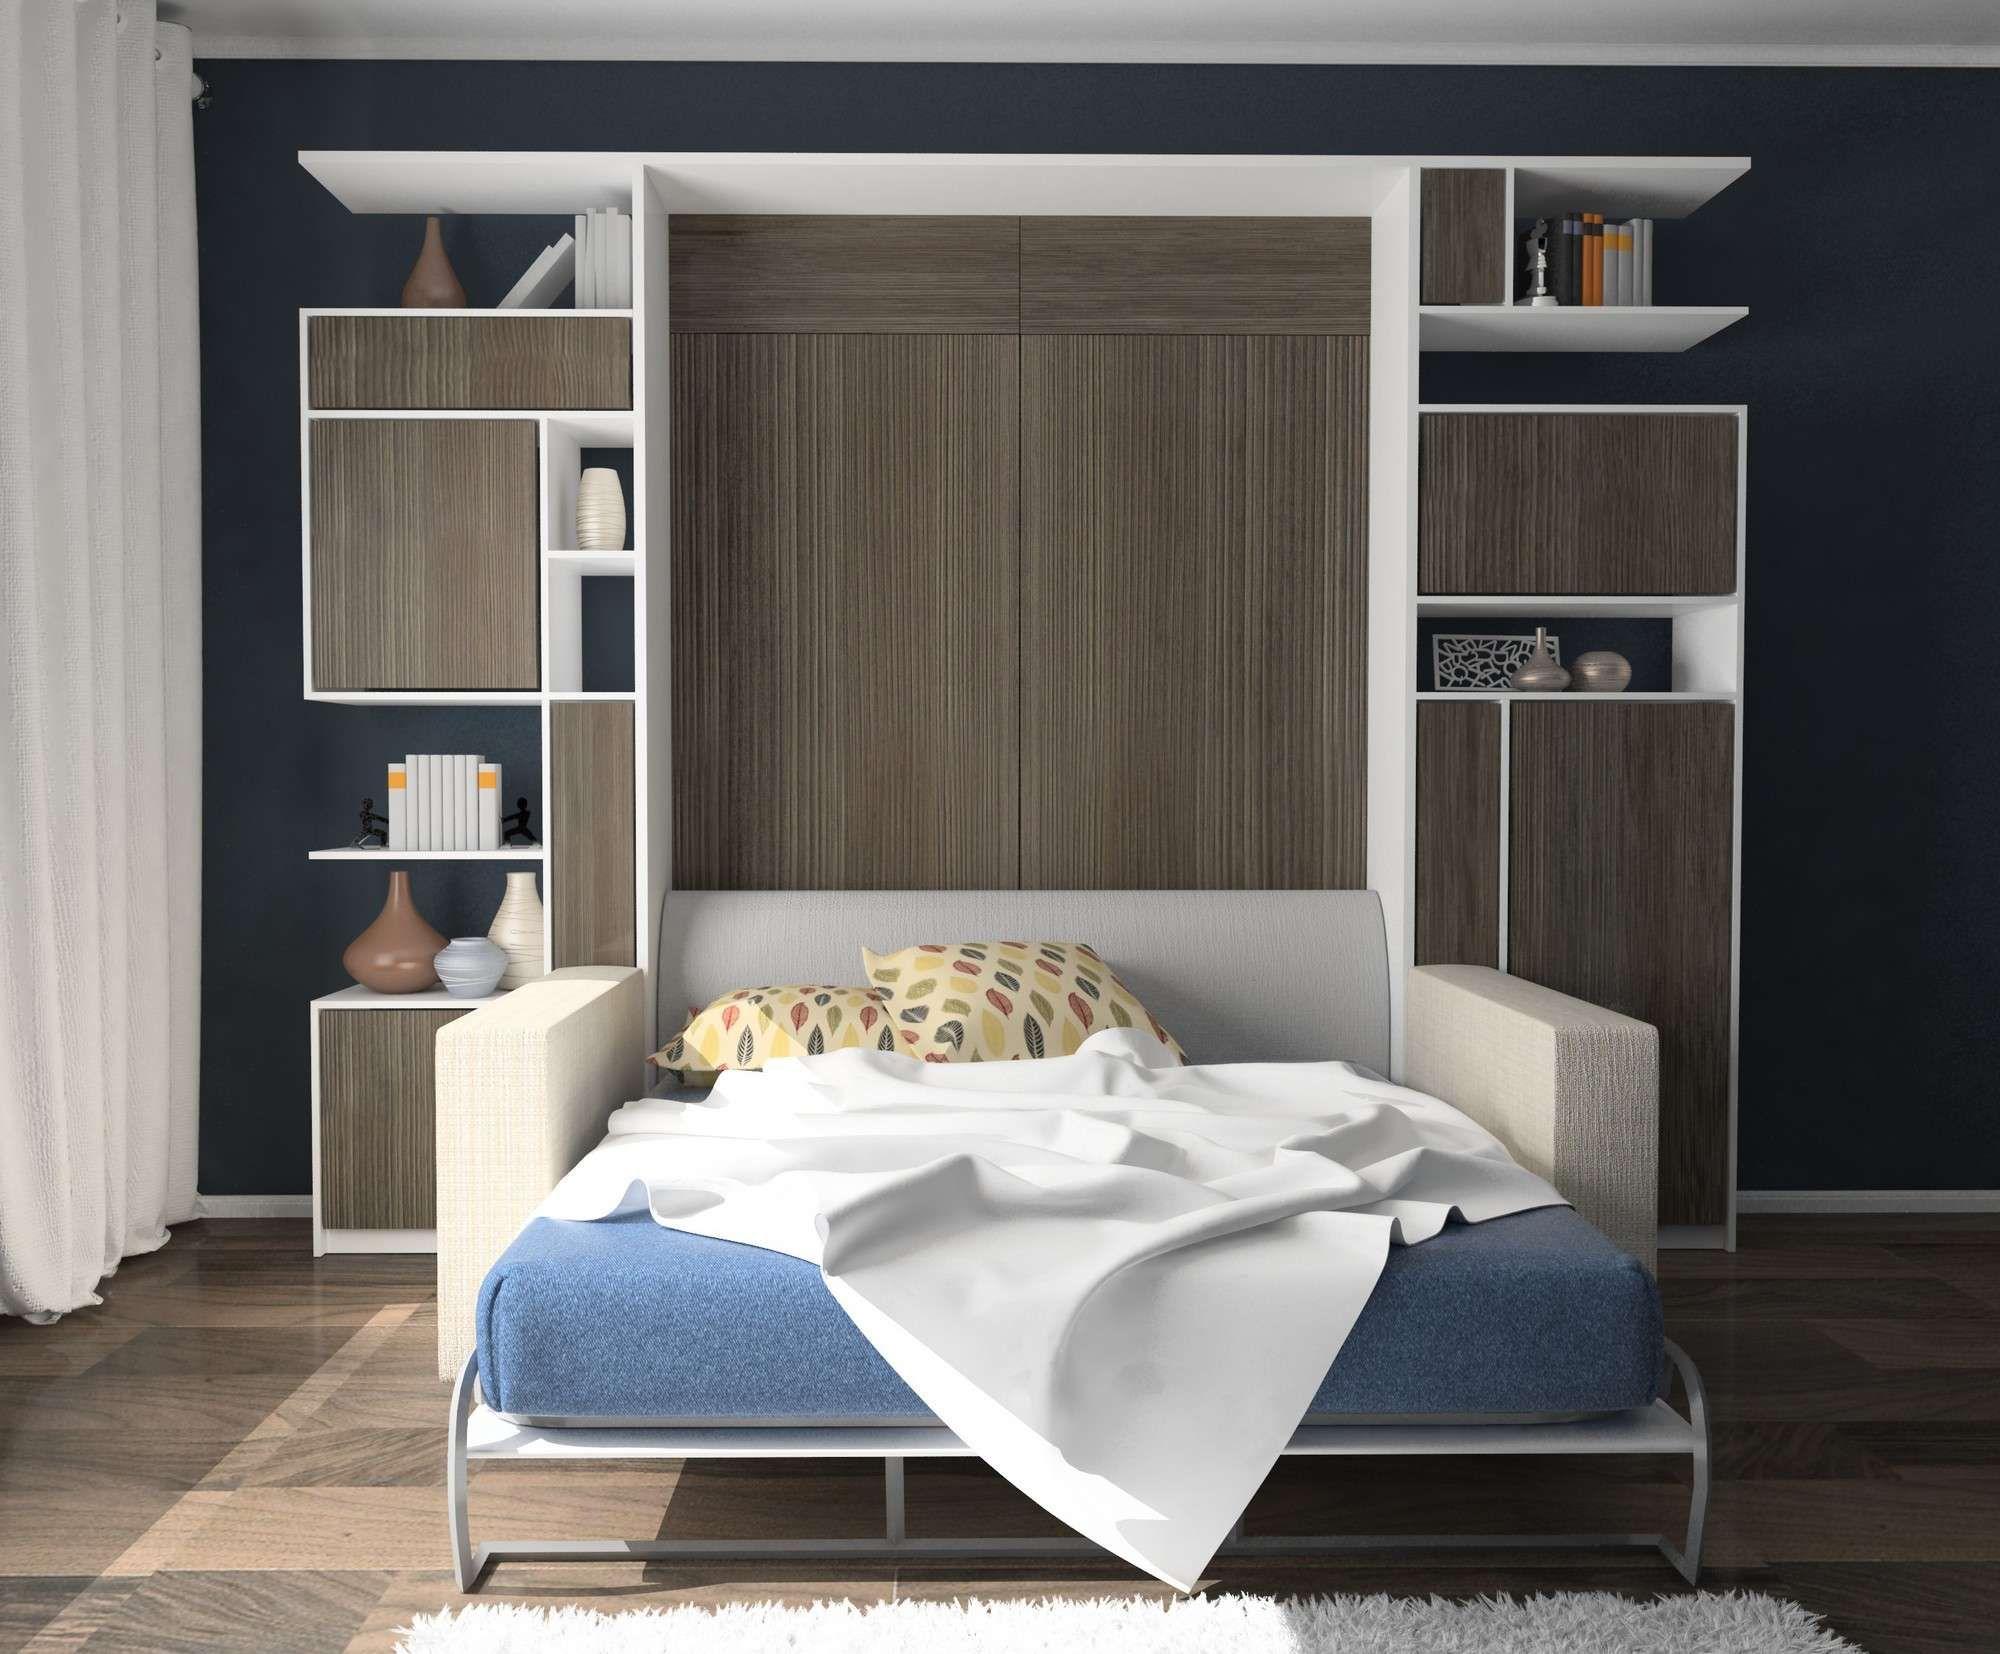 увидел, как картинки шкаф кровать изображались основном деревянной